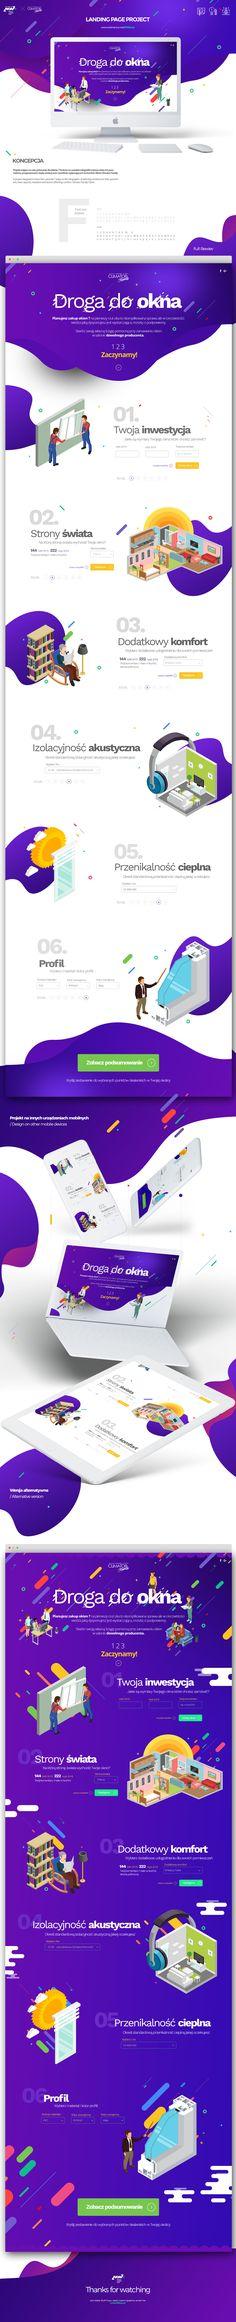 Echa un vistazo a este proyecto @Behance: u201cLanding page project designu201d https://www.behance.net/gallery/54709269/Landing-page-project-design